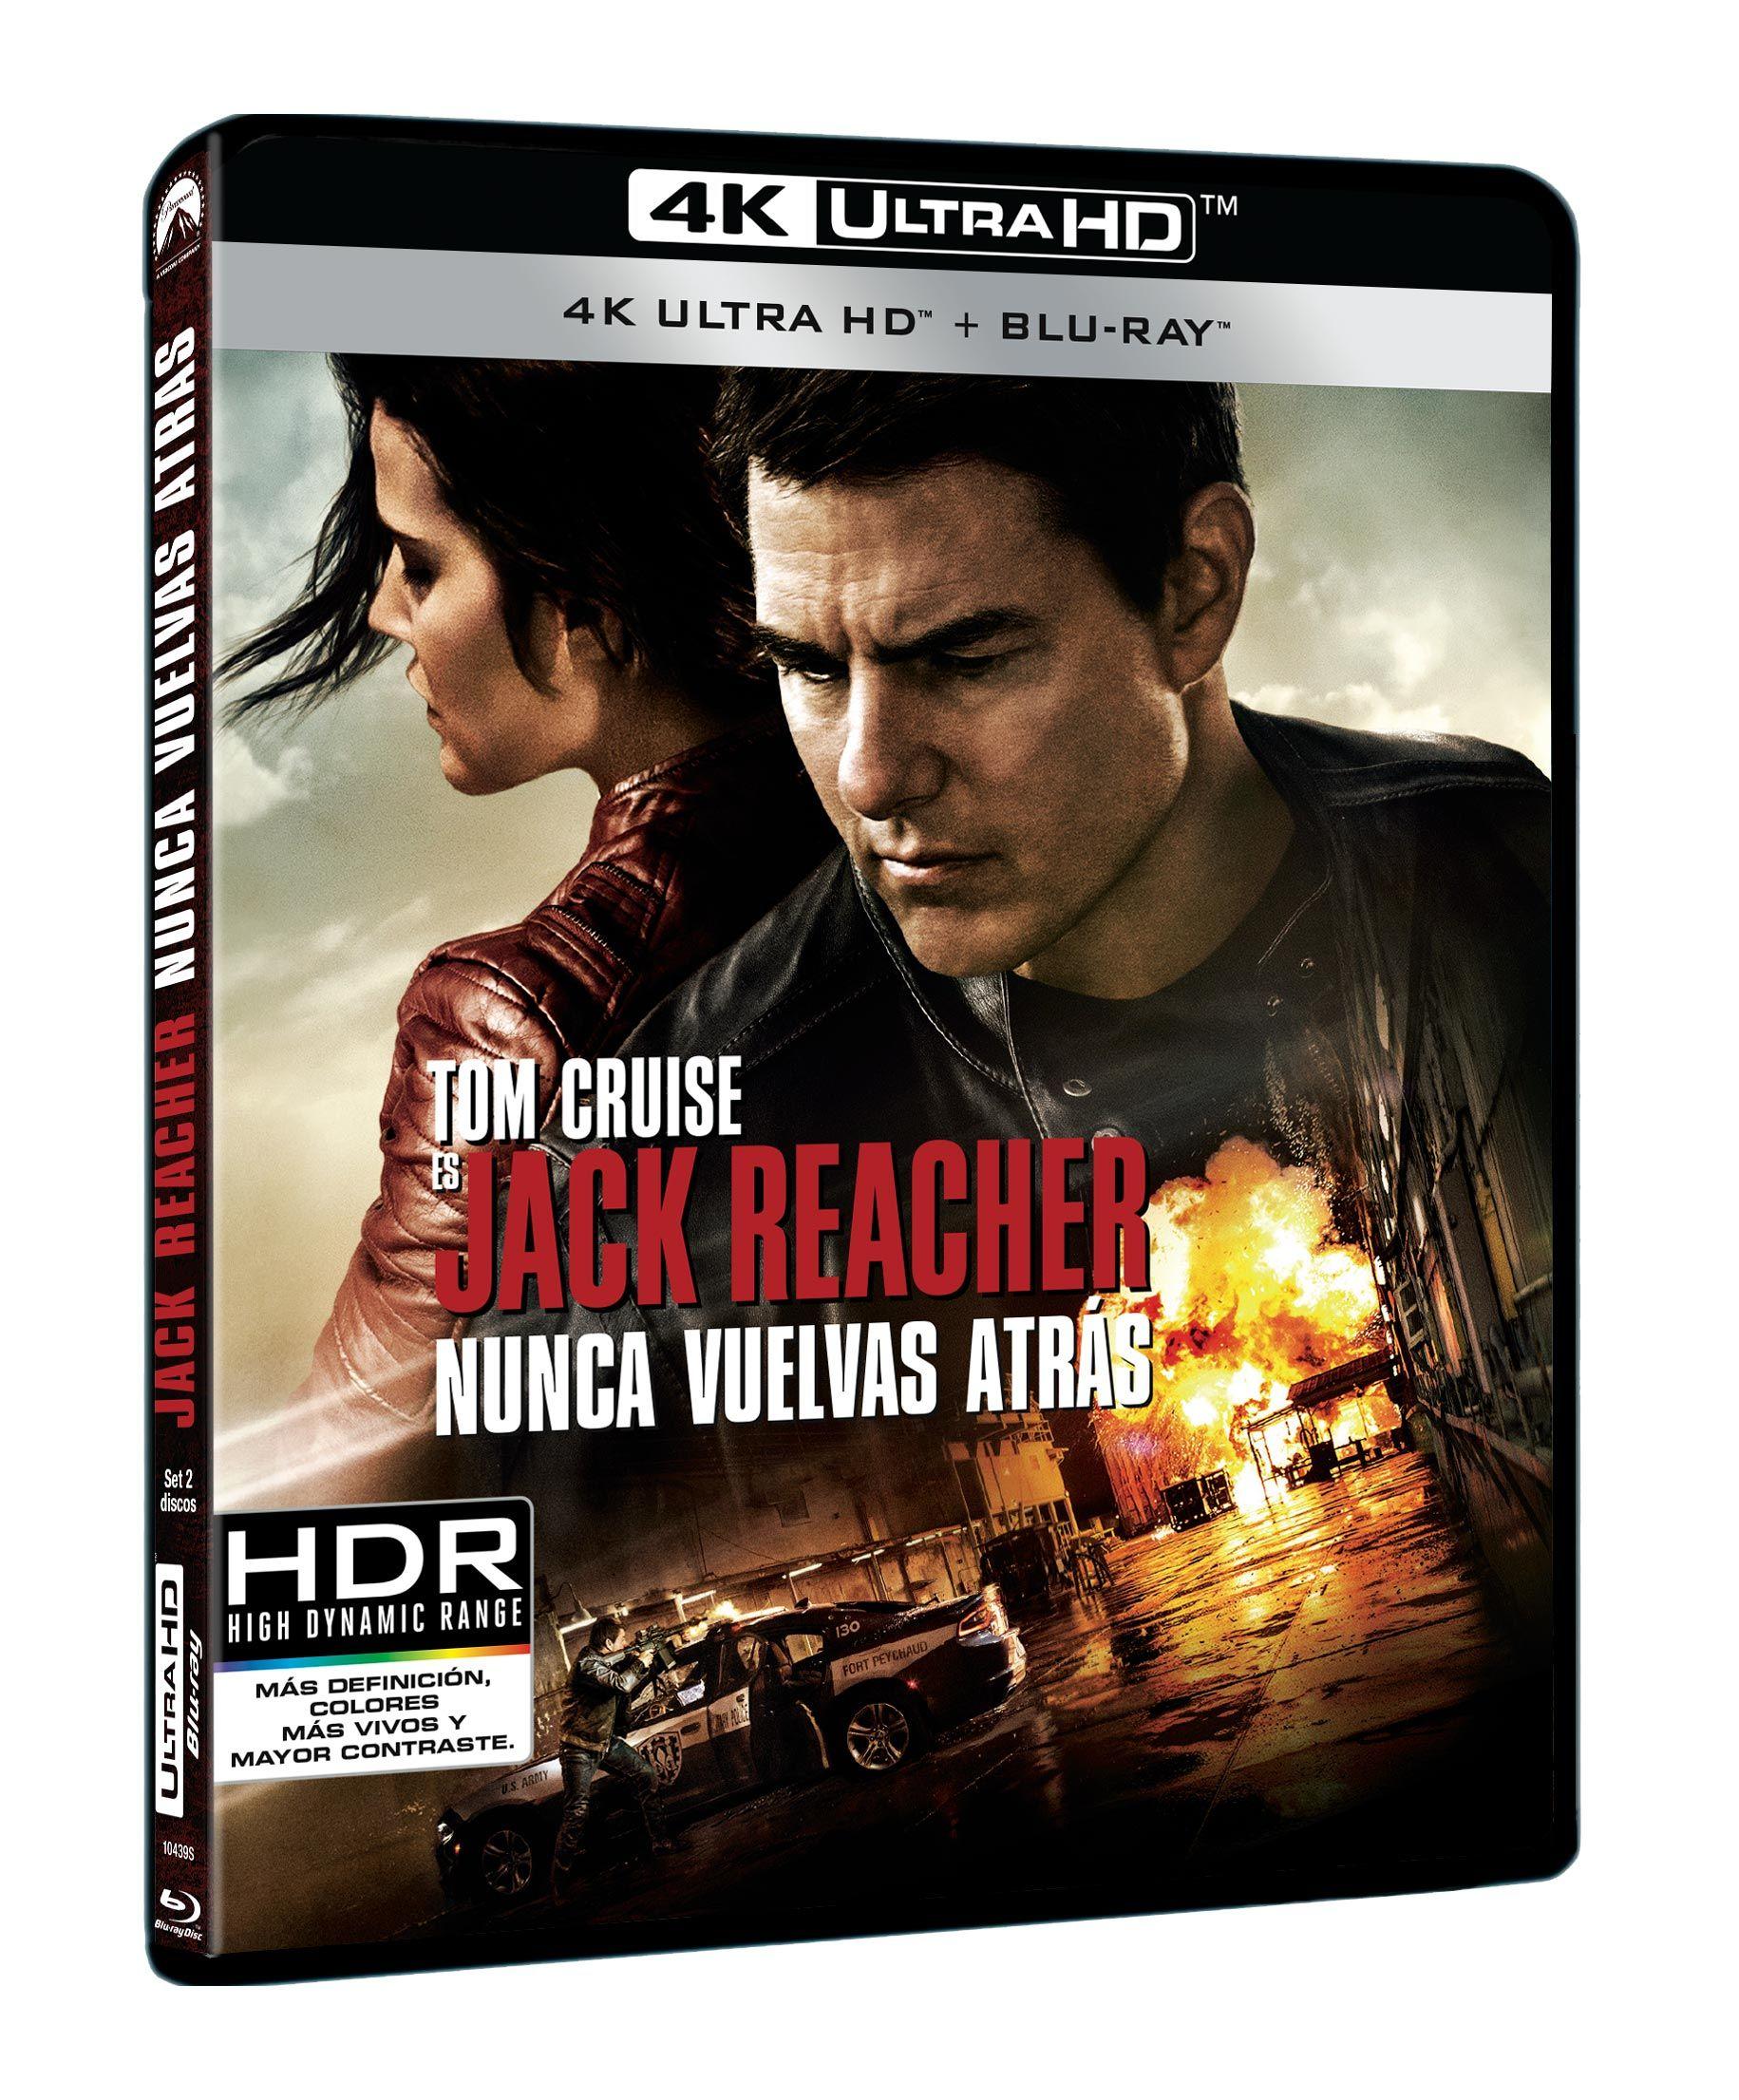 """""""Jack Reacher: Nunca vuelvas atrás"""" en 4K Ultra HD, Blu-ray y Dvd el 15 de marzo • En tu pantalla"""